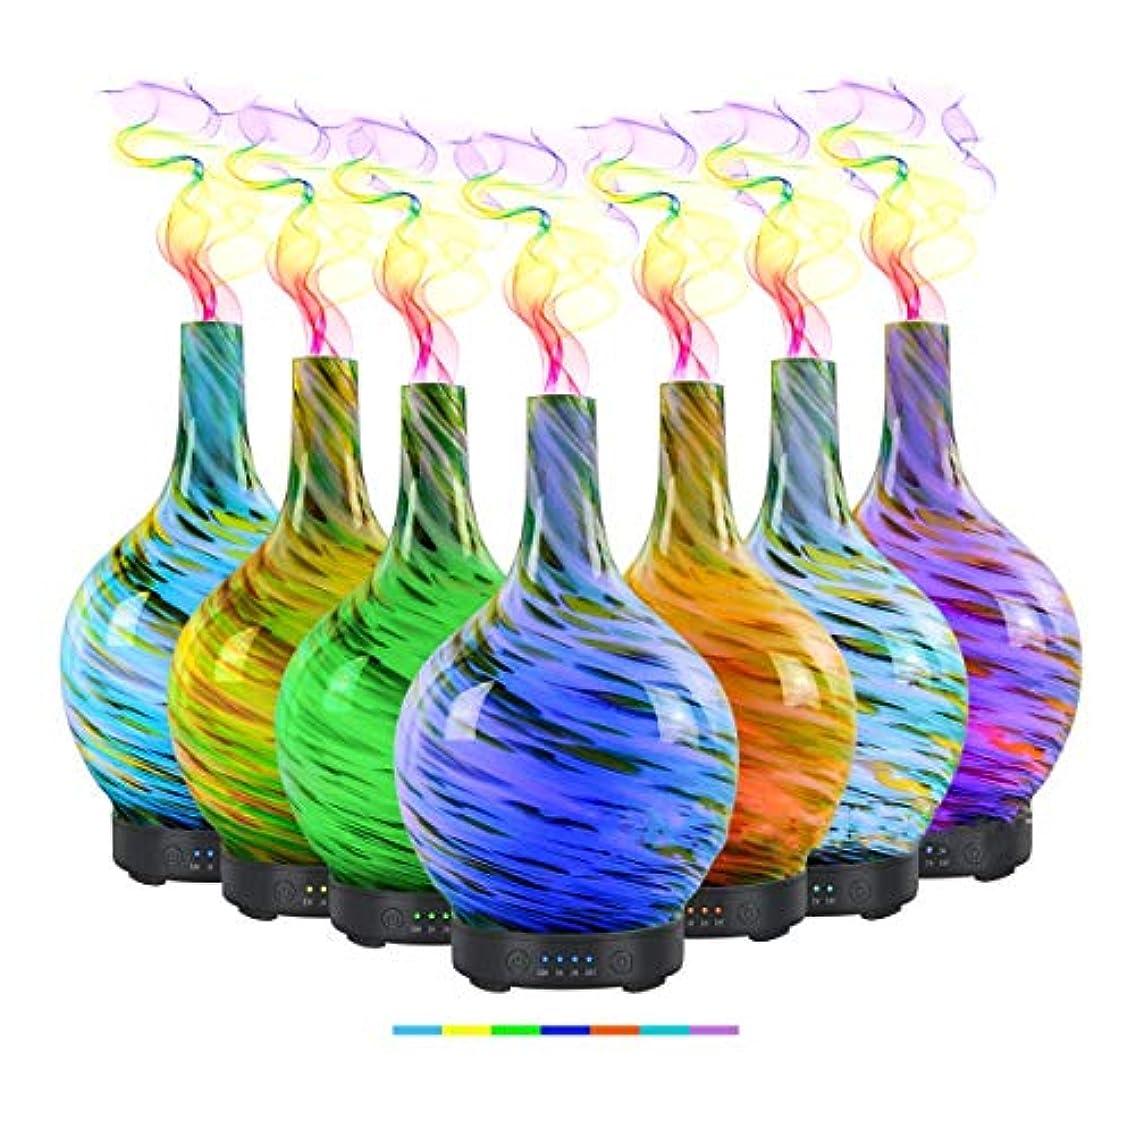 セイはさておきエンドウ宇宙ディフューザーエッセンシャルオイル (100ml)-3 d アートガラス葉海アロマ加湿器7色の変更 LED ライト & 4 タイマー設定、水なしの自動シャットオフ